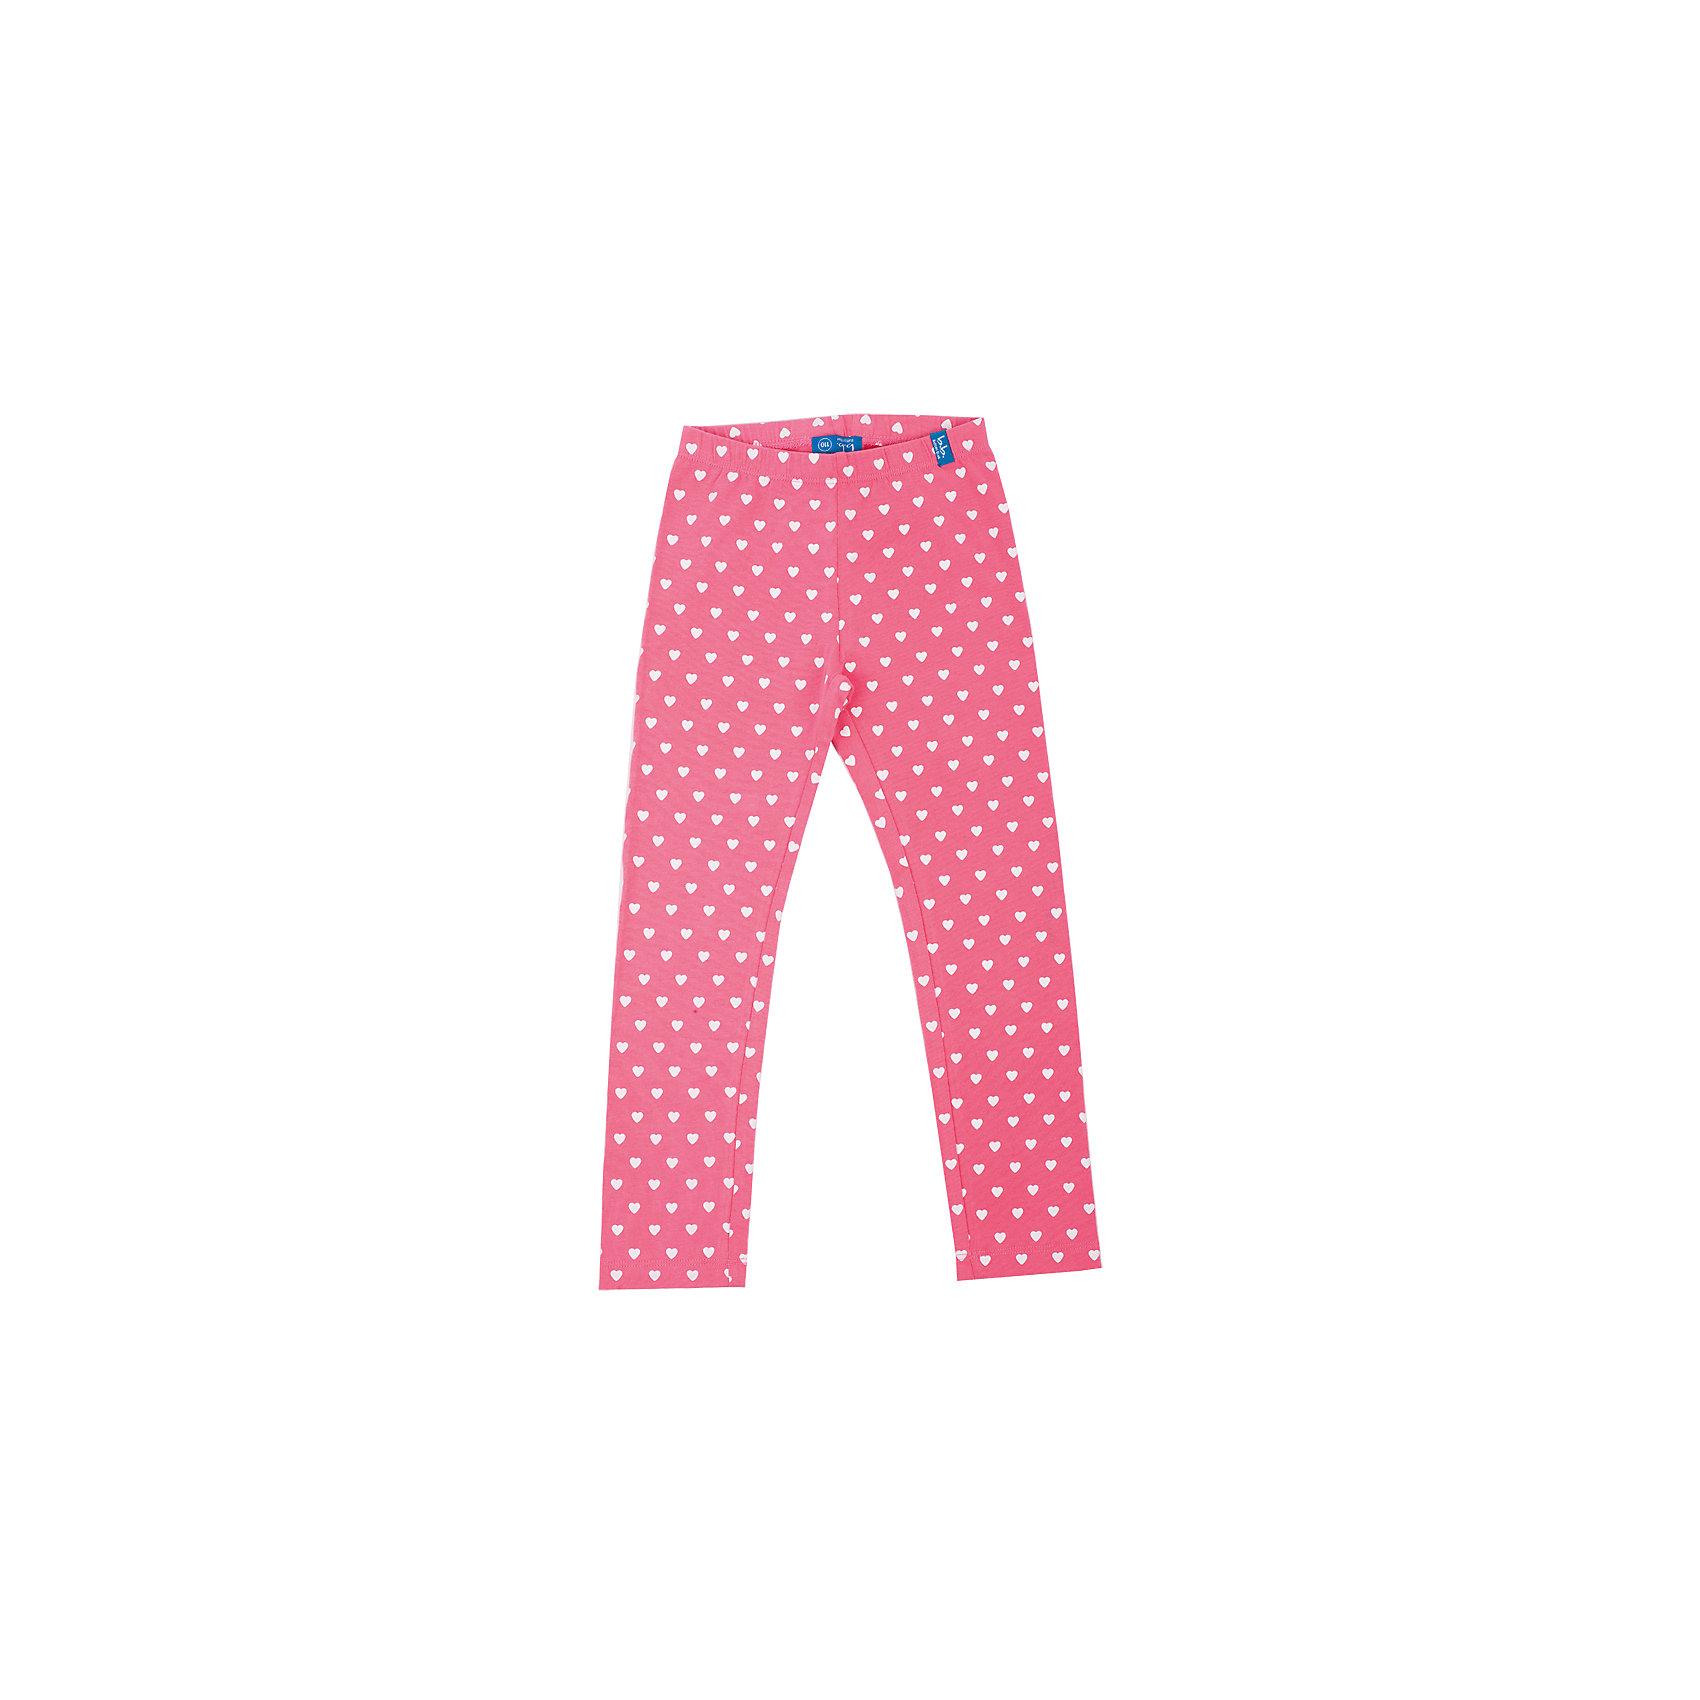 Леггинсы для девочки Button BlueЛосины для девочек - хит летнего и домашнего гардероба! Яркие, удобные, красивые, розовые лосины с мелким рисунком сердечко - отличная вещь на каждый день. Купить детские лосины Button Blue, значит, купить лосины недорого и быстро, не сомневаясь в их качестве и комфорте.<br>Состав:<br>95% хлопок           5% эластан<br><br>Ширина мм: 123<br>Глубина мм: 10<br>Высота мм: 149<br>Вес г: 209<br>Цвет: розовый<br>Возраст от месяцев: 36<br>Возраст до месяцев: 48<br>Пол: Женский<br>Возраст: Детский<br>Размер: 104,116,122,110,98<br>SKU: 4510798